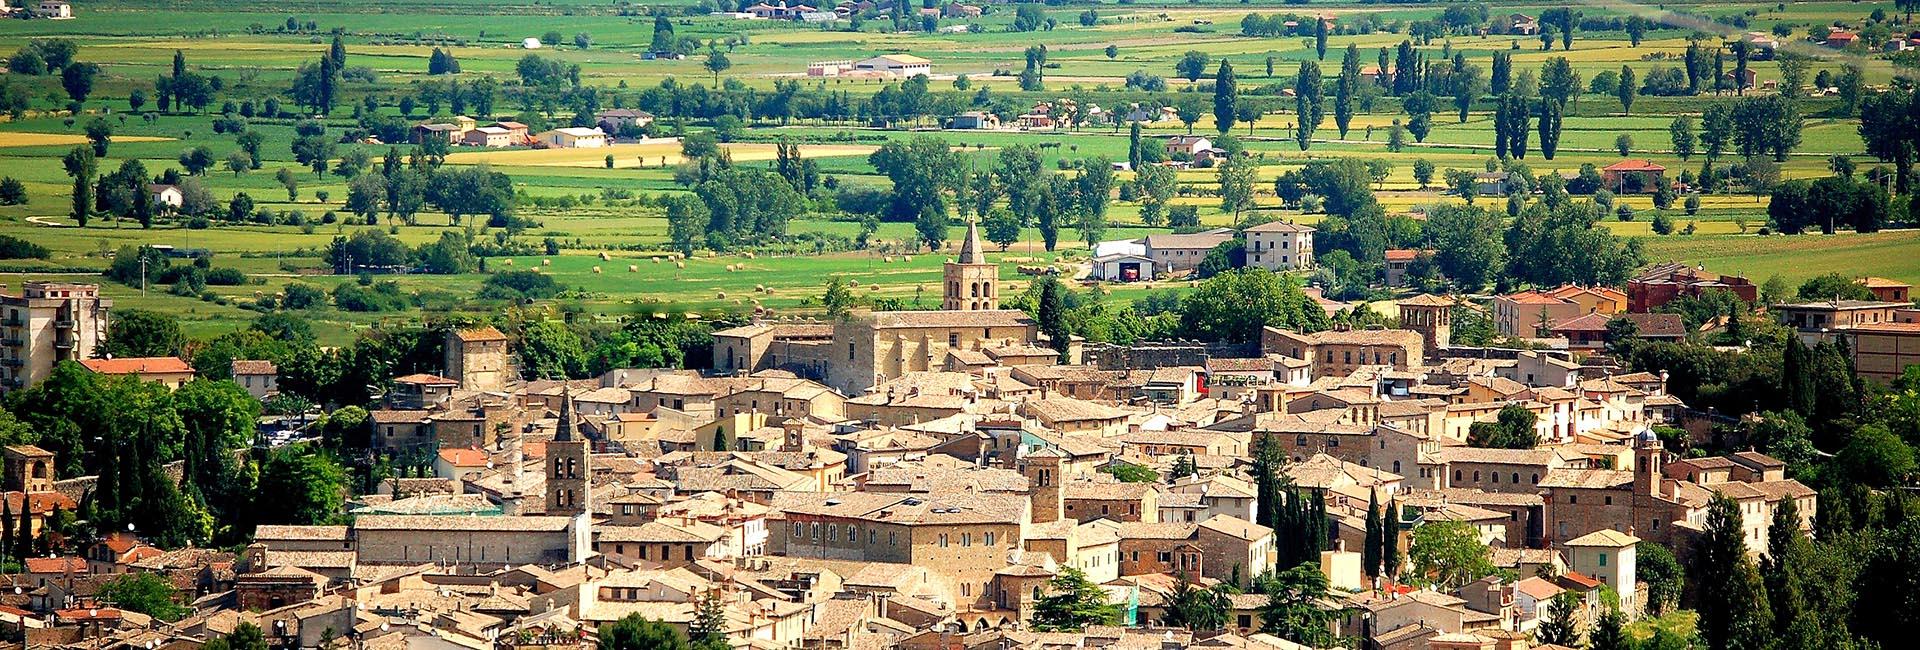 Agriturismo in Umbria La Fonte - Panorama di bevagna